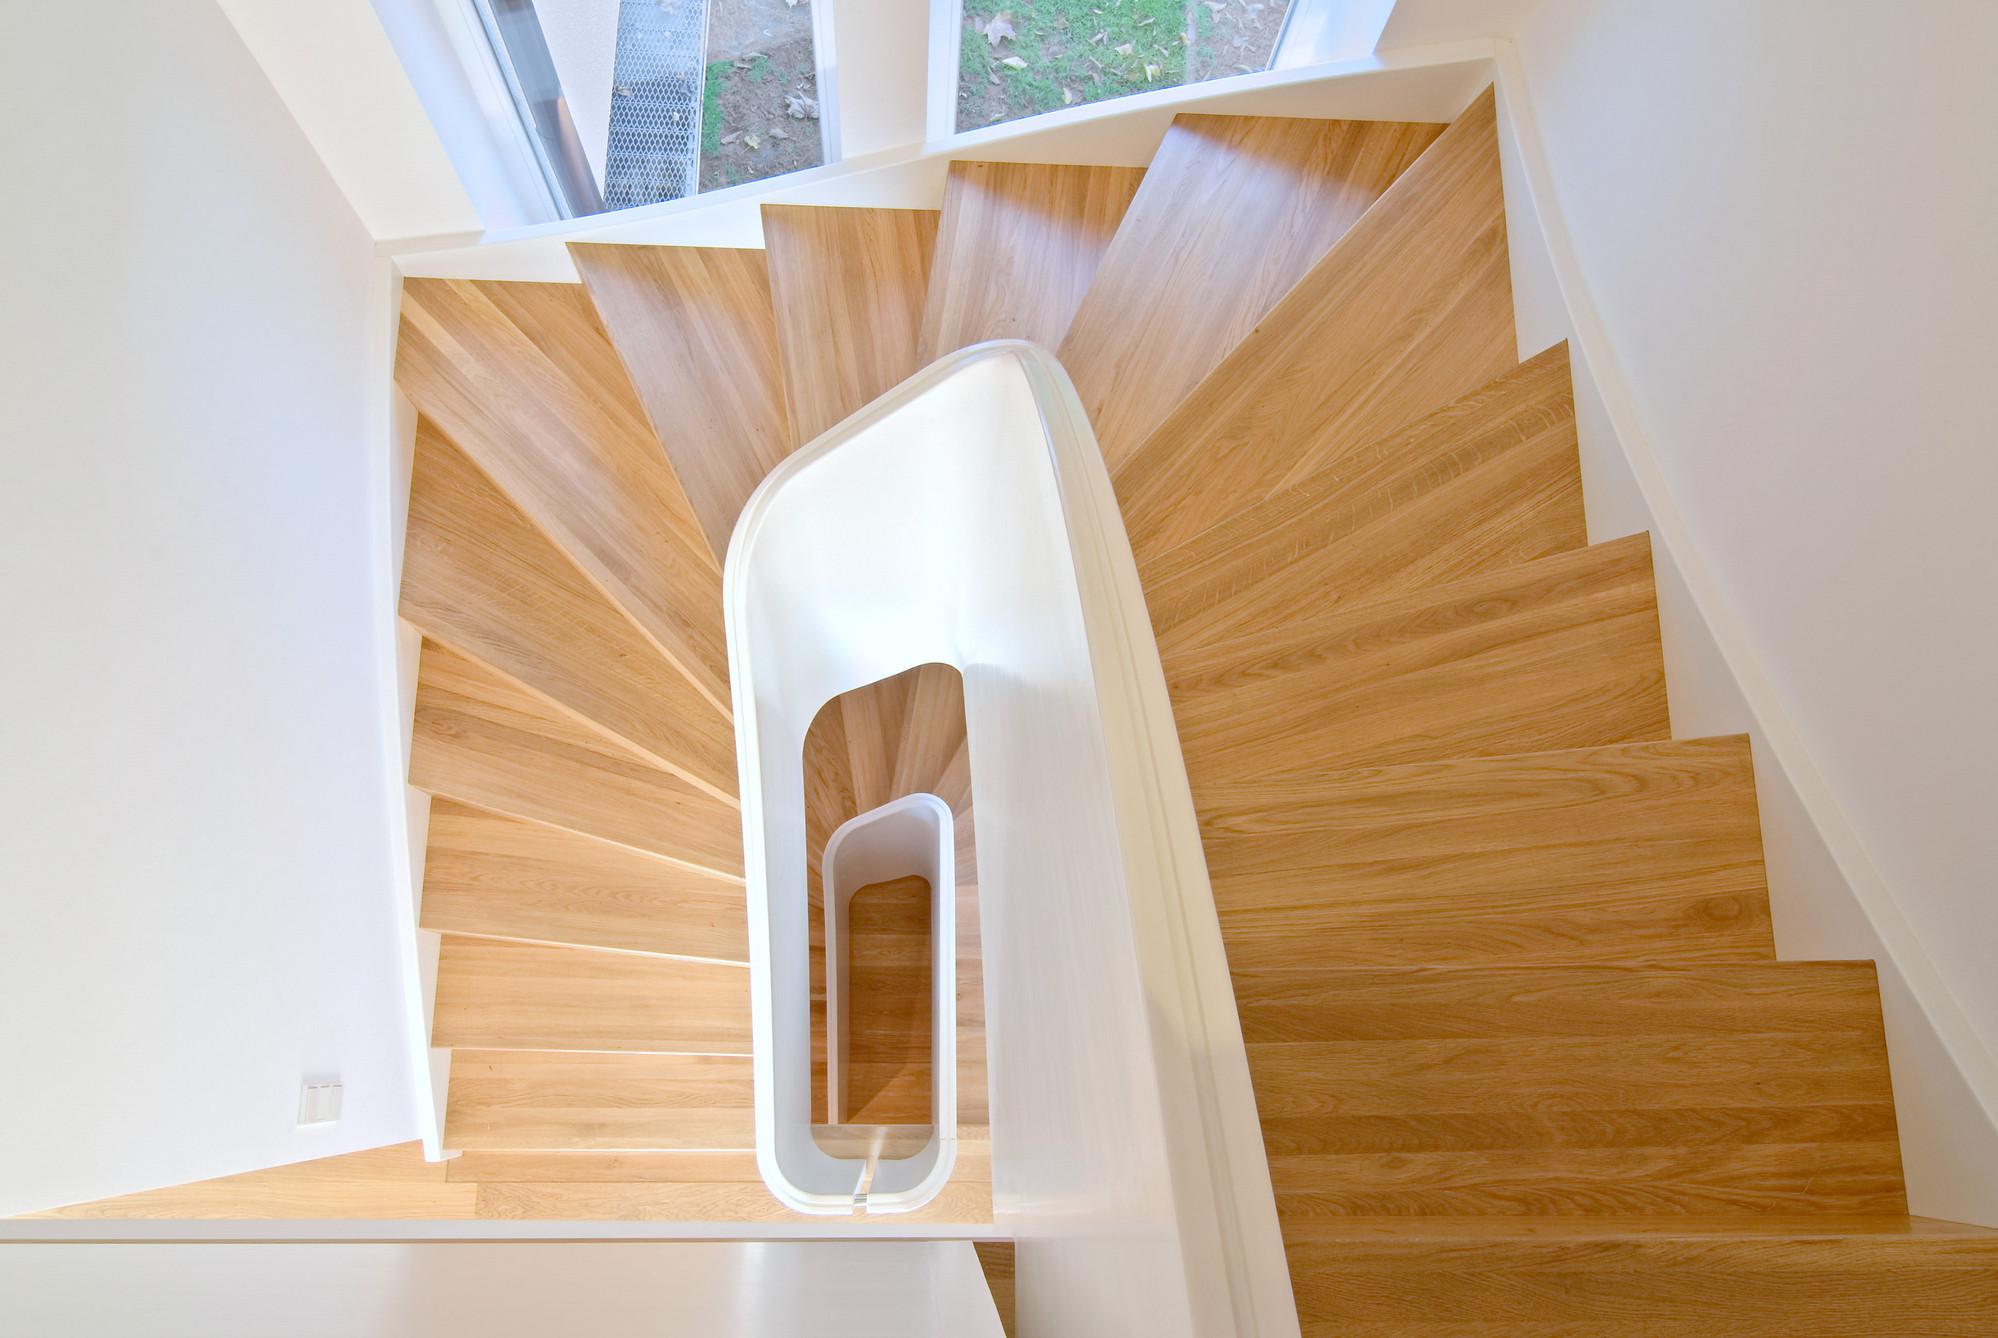 Schön Dachboden Ausbauen Treppe Das Beste Von